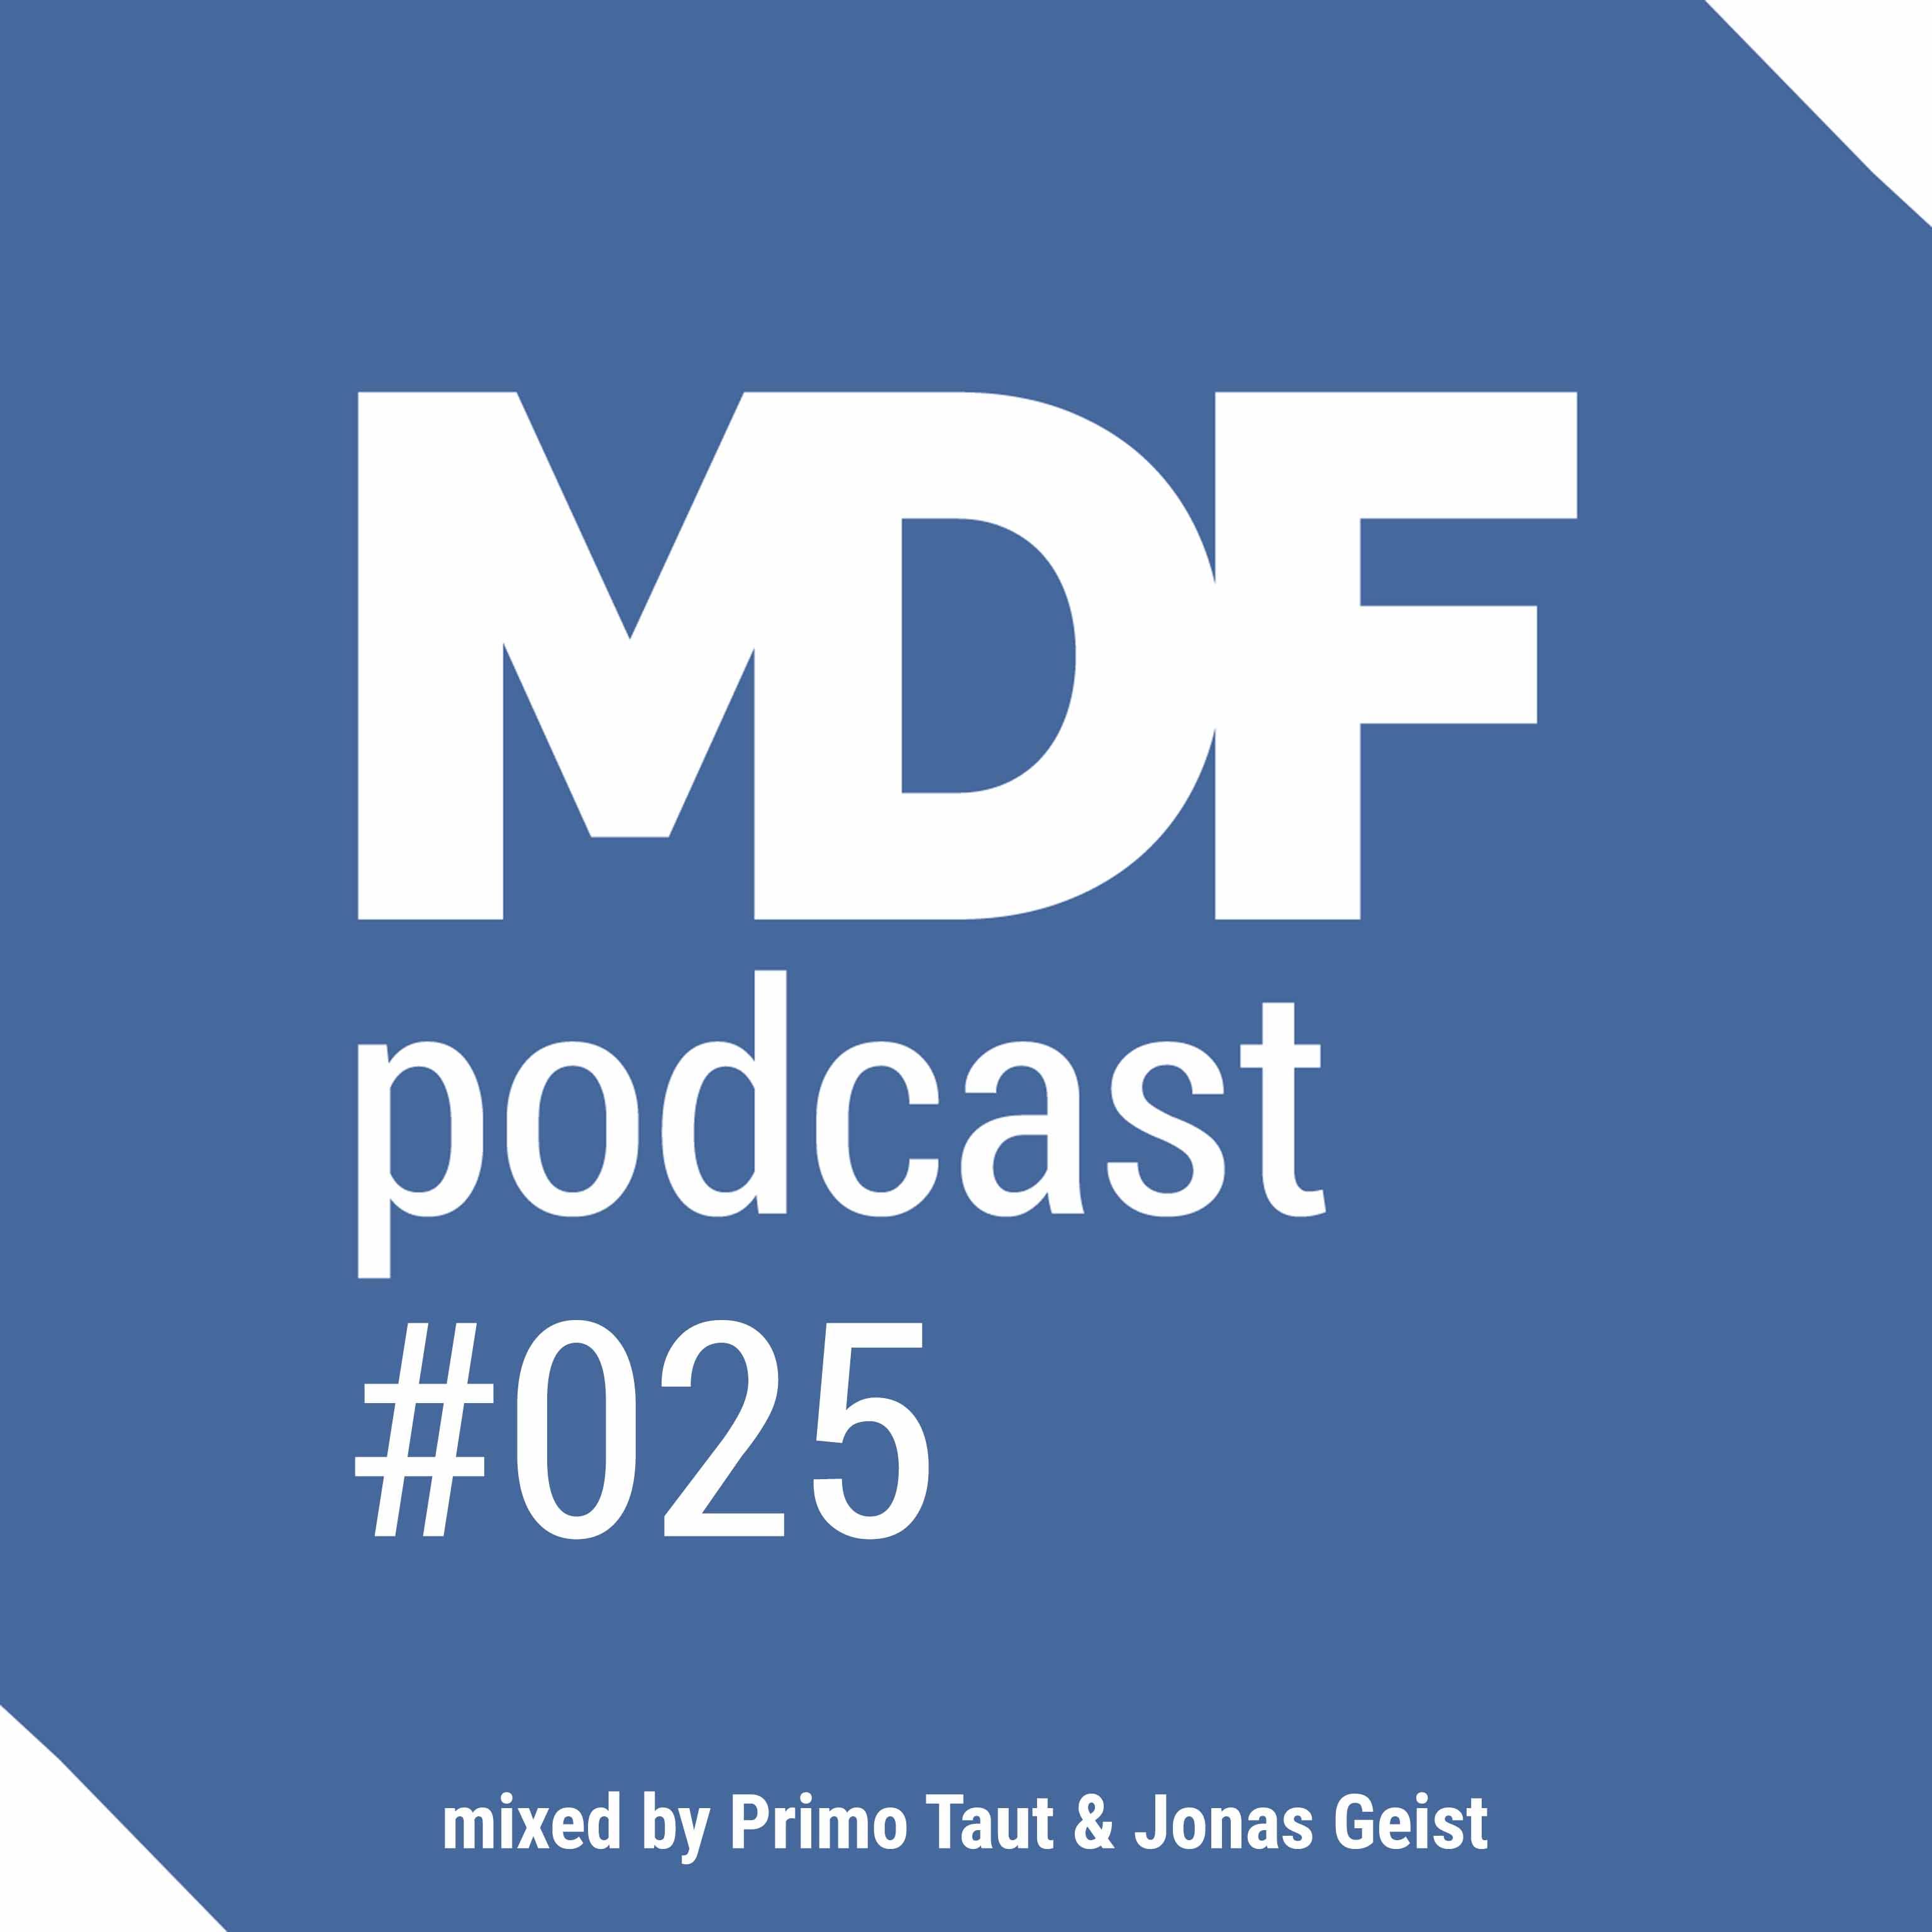 MDF Podcast o25